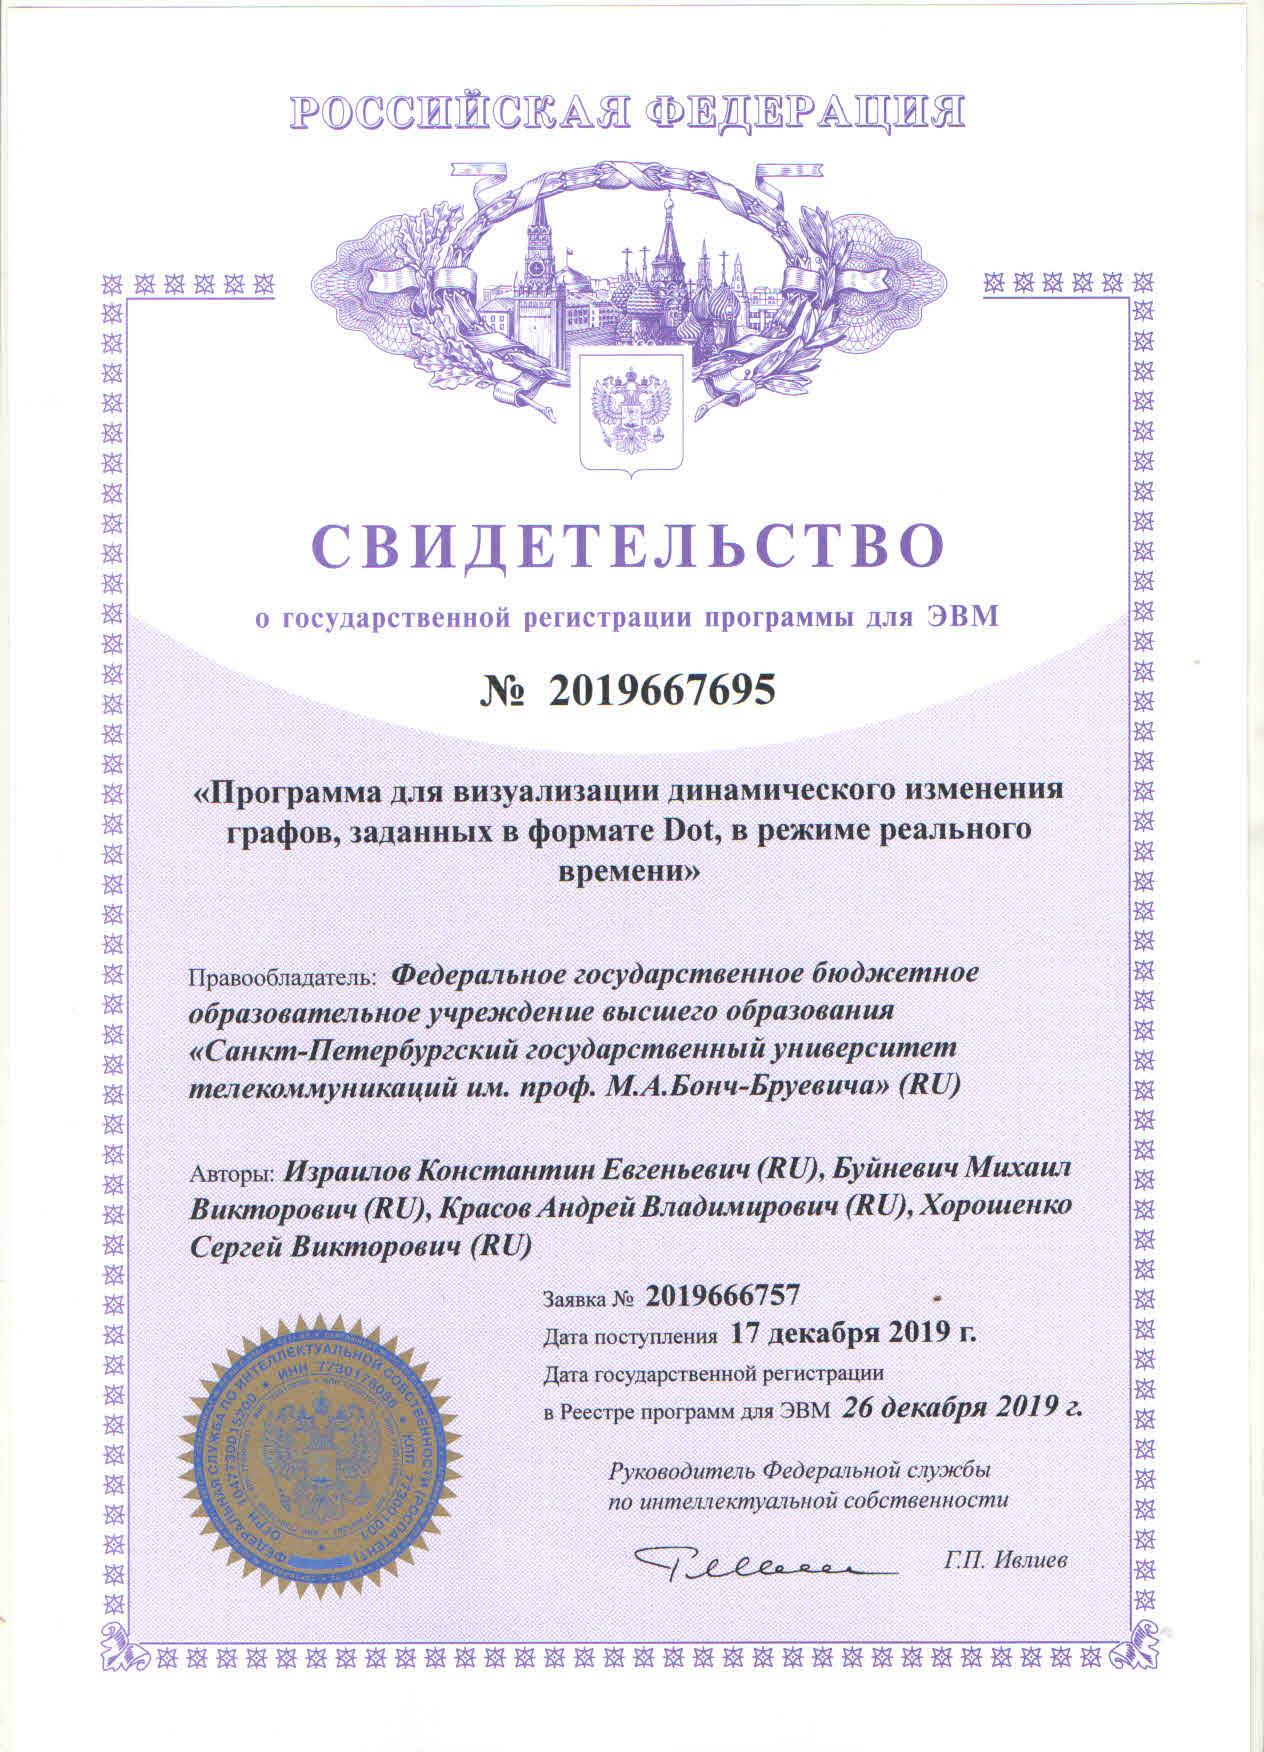 Вышло свидетельство о государственной регистрации программы для ЭВМ